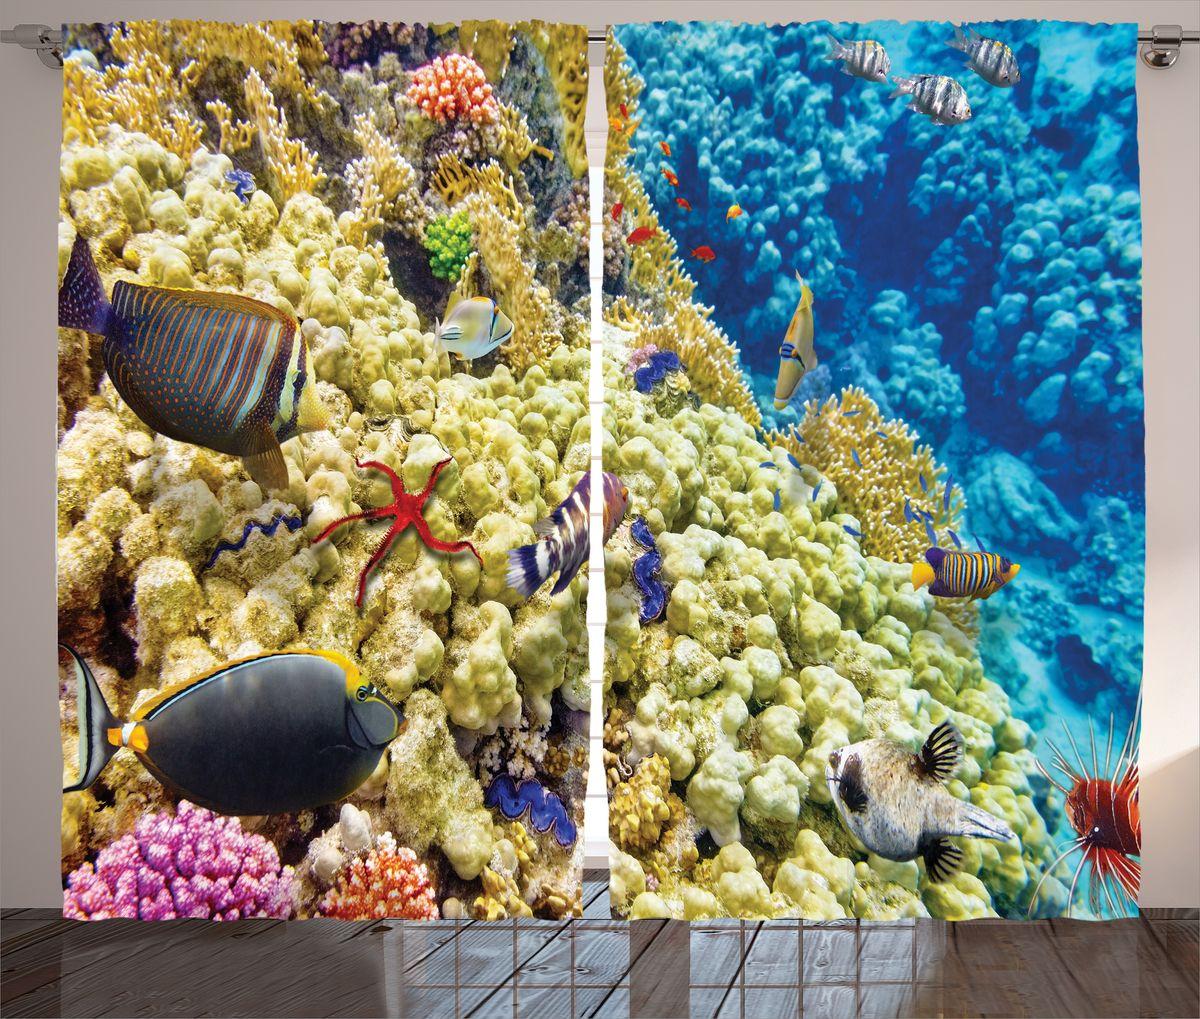 Комплект фотоштор Magic Lady Рыбы и кораллы, на ленте, высота 265 см. шсг_14606шсг_14606Компания Сэмболь изготавливает шторы из высококачественного сатена (полиэстер 100%). При изготовлении используются специальные гипоаллергенные чернила для прямой печати по ткани, безопасные для человека и животных. Экологичность продукции Magic lady и безопасность для окружающей среды подтверждены сертификатом Oeko-Tex Standard 100. Крепление: крючки для крепления на шторной ленте (50 шт). Возможно крепление на трубу. Внимание! При нанесении сублимационной печати на ткань технологическим методом при температуре 240°С, возможно отклонение полученных размеров (указанных на этикетке и сайте) от стандартных на + - 3-5 см. Производитель старается максимально точно передать цвета изделия на фотографиях, однако искажения неизбежны и фактический цвет изделия может отличаться от воспринимаемого по фото. Обратите внимание! Шторы изготовлены из полиэстра сатенового переплетения, а не из сатина (хлопок). Размер одного полотна шторы: 145х265 см. В комплекте 2...